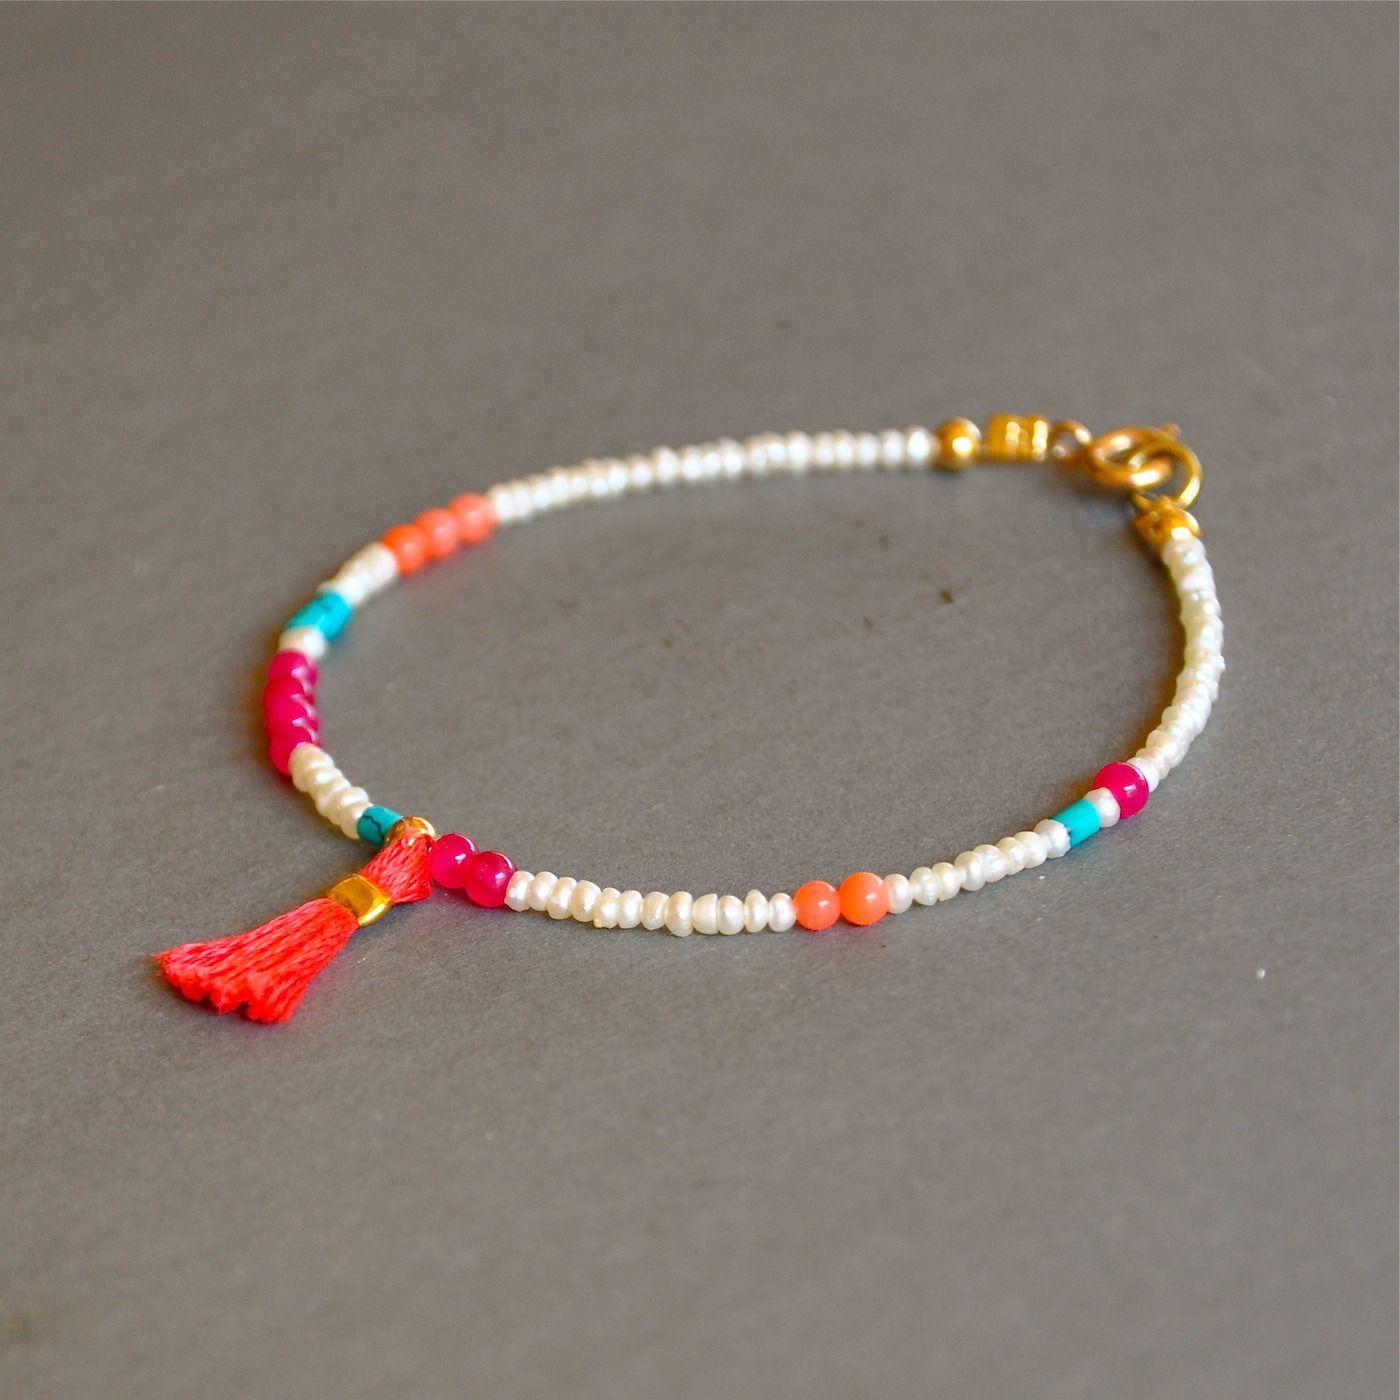 Bijoux fantaisie perle de culture